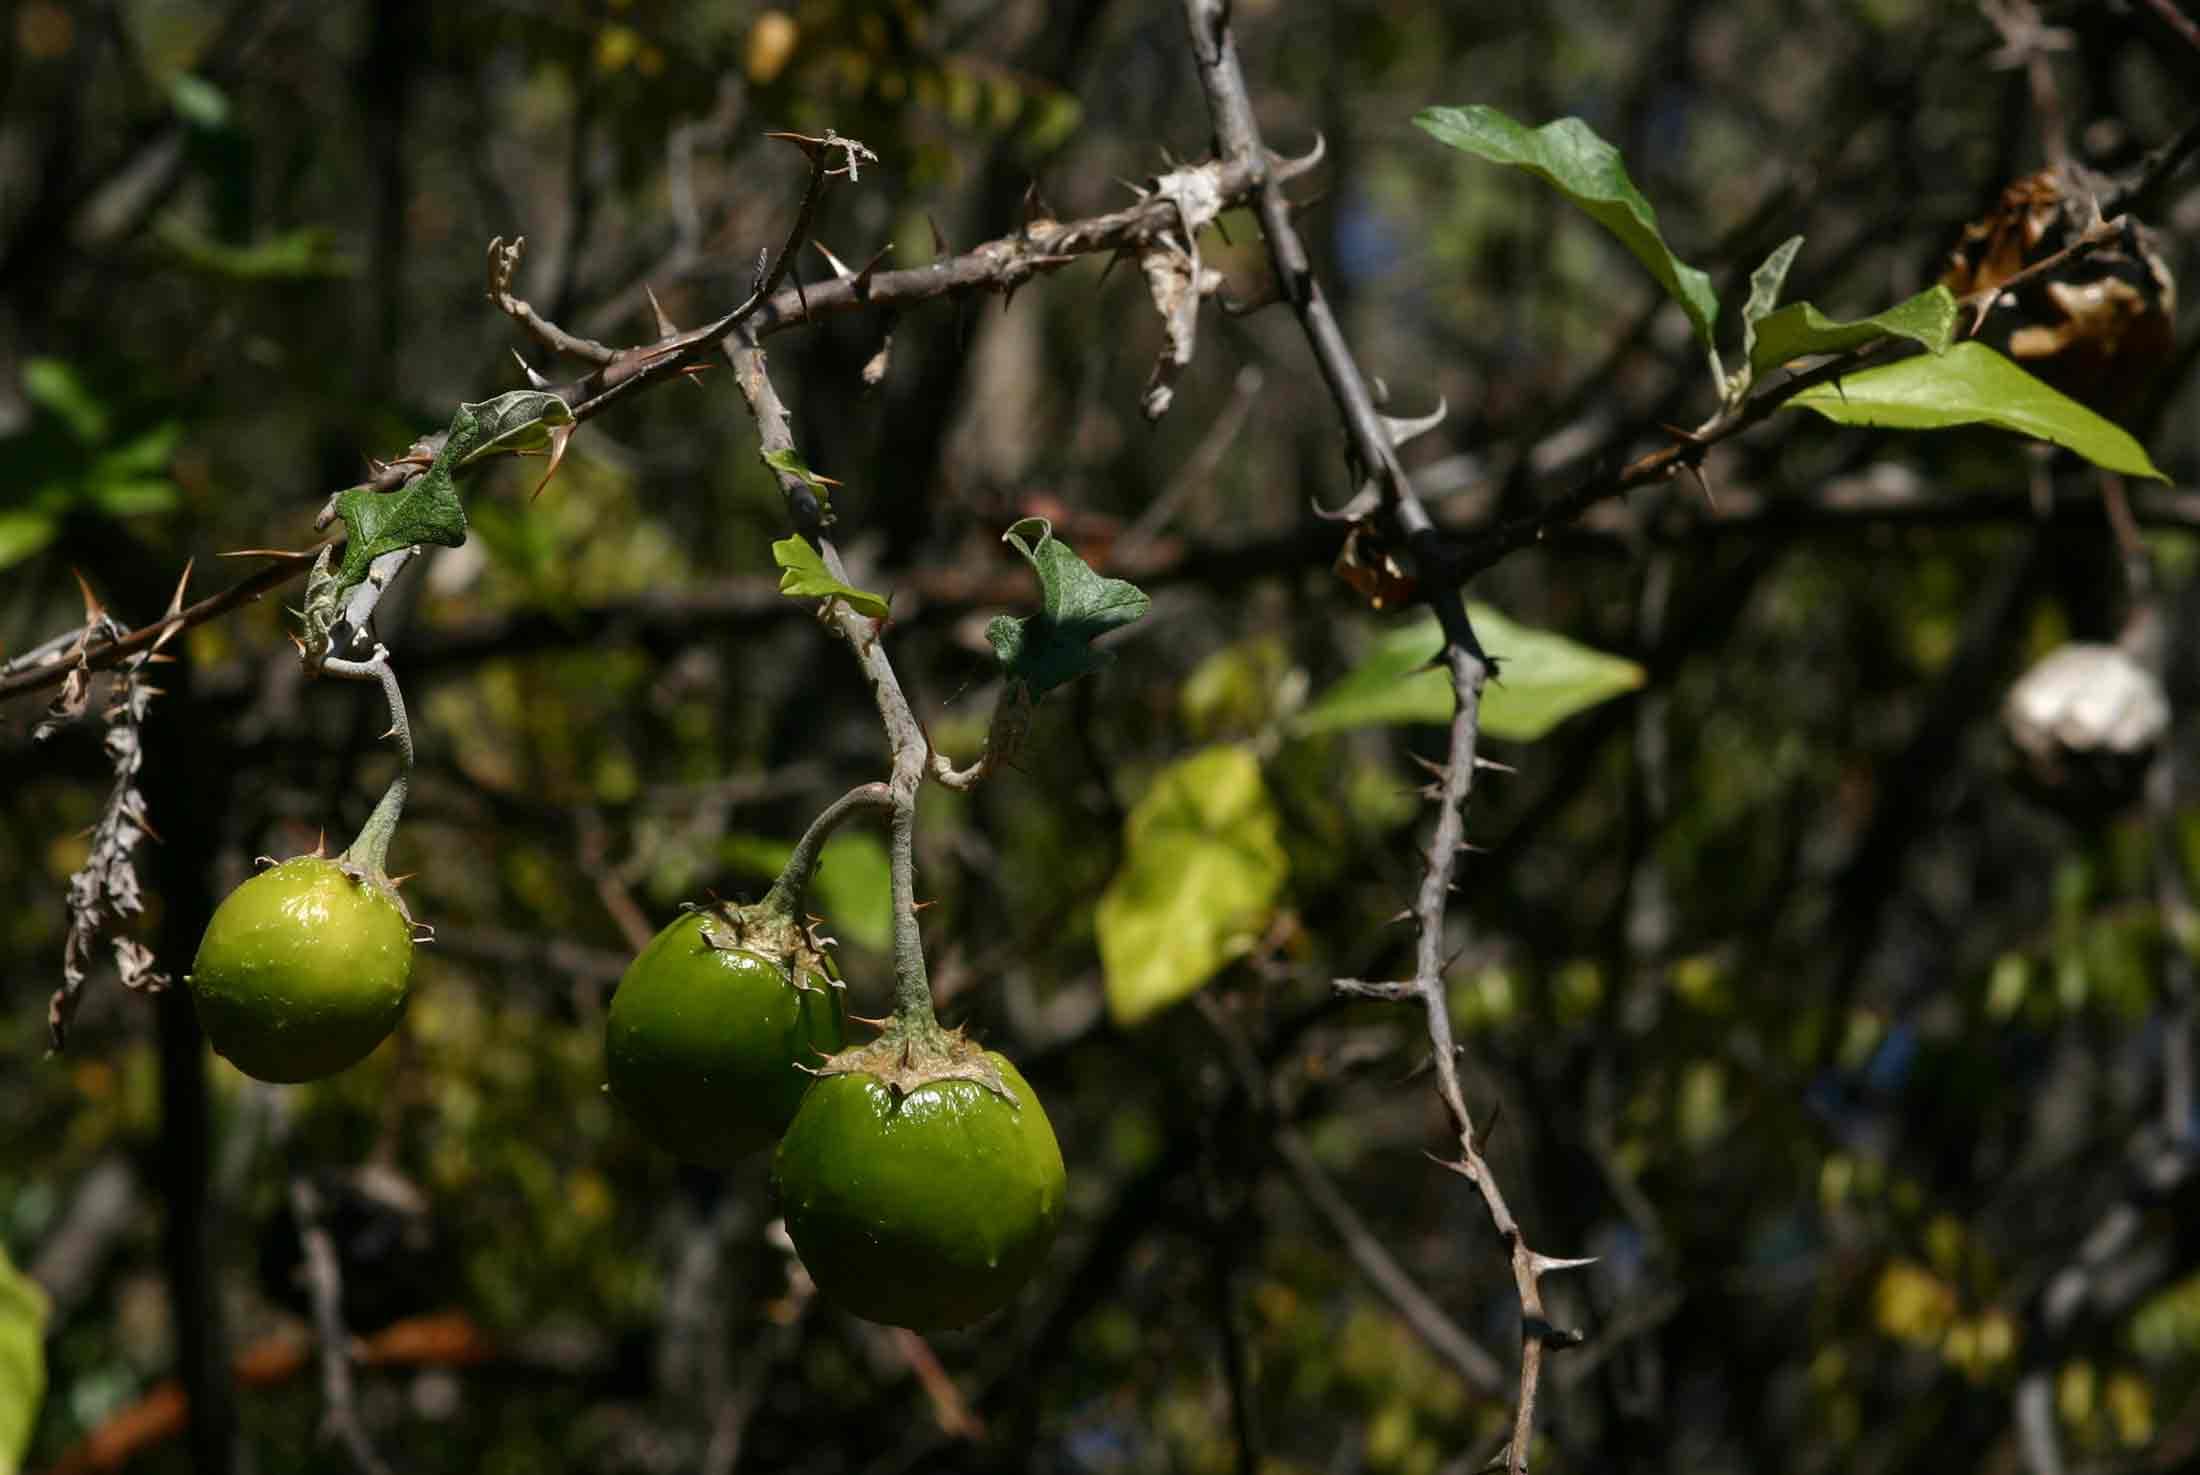 Solanum aculeastrum var. aculeastrum